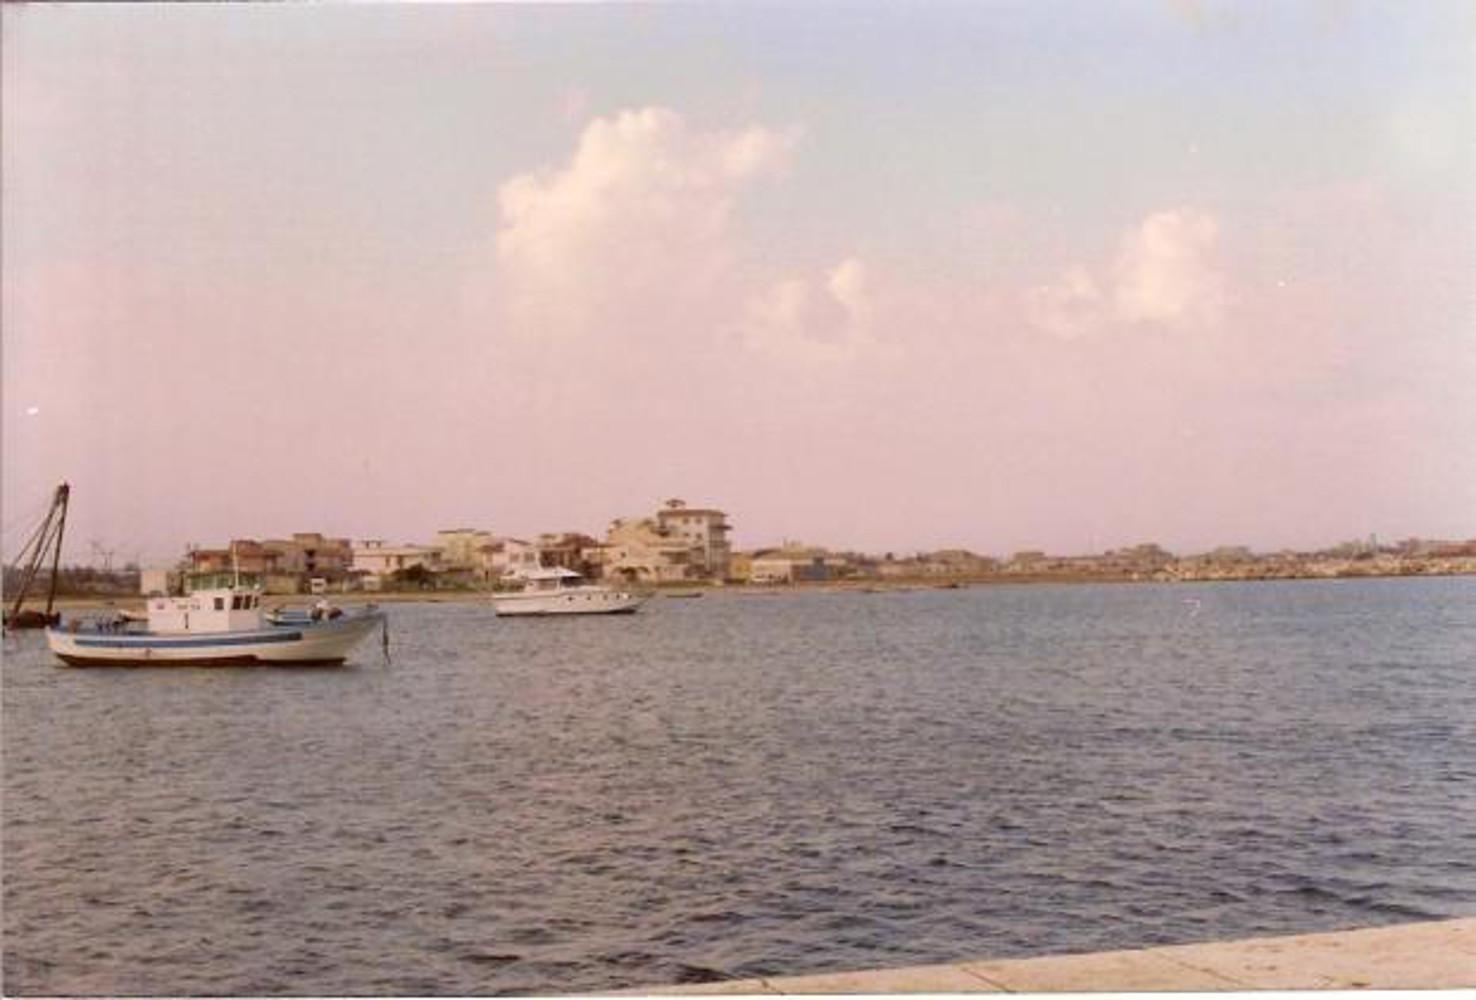 Boat in Sicily, Boat, Sea, Sicily, HQ Photo